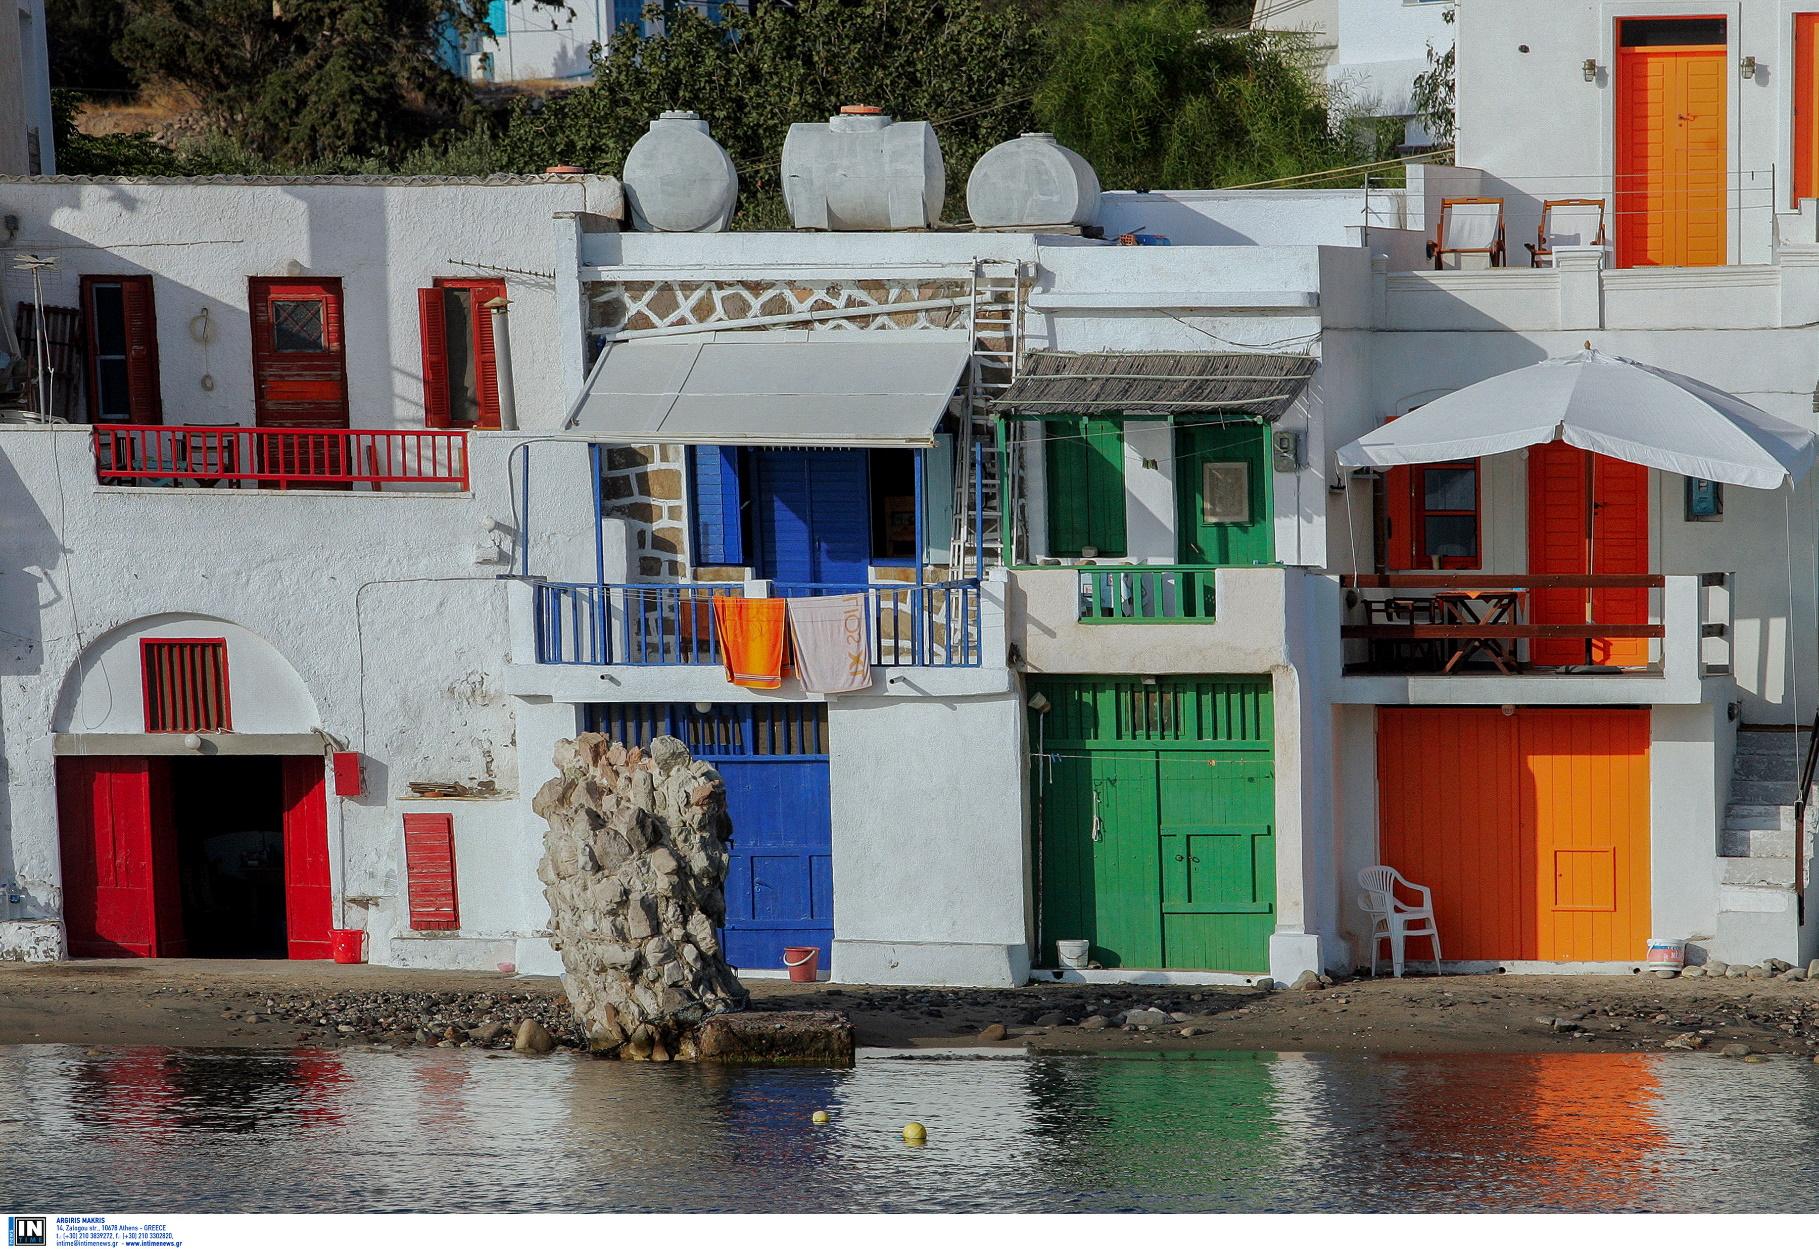 Πάχαινα: Ο ελληνικός οικισμός που μοιάζει χτισμένος μέσα στα βράχια